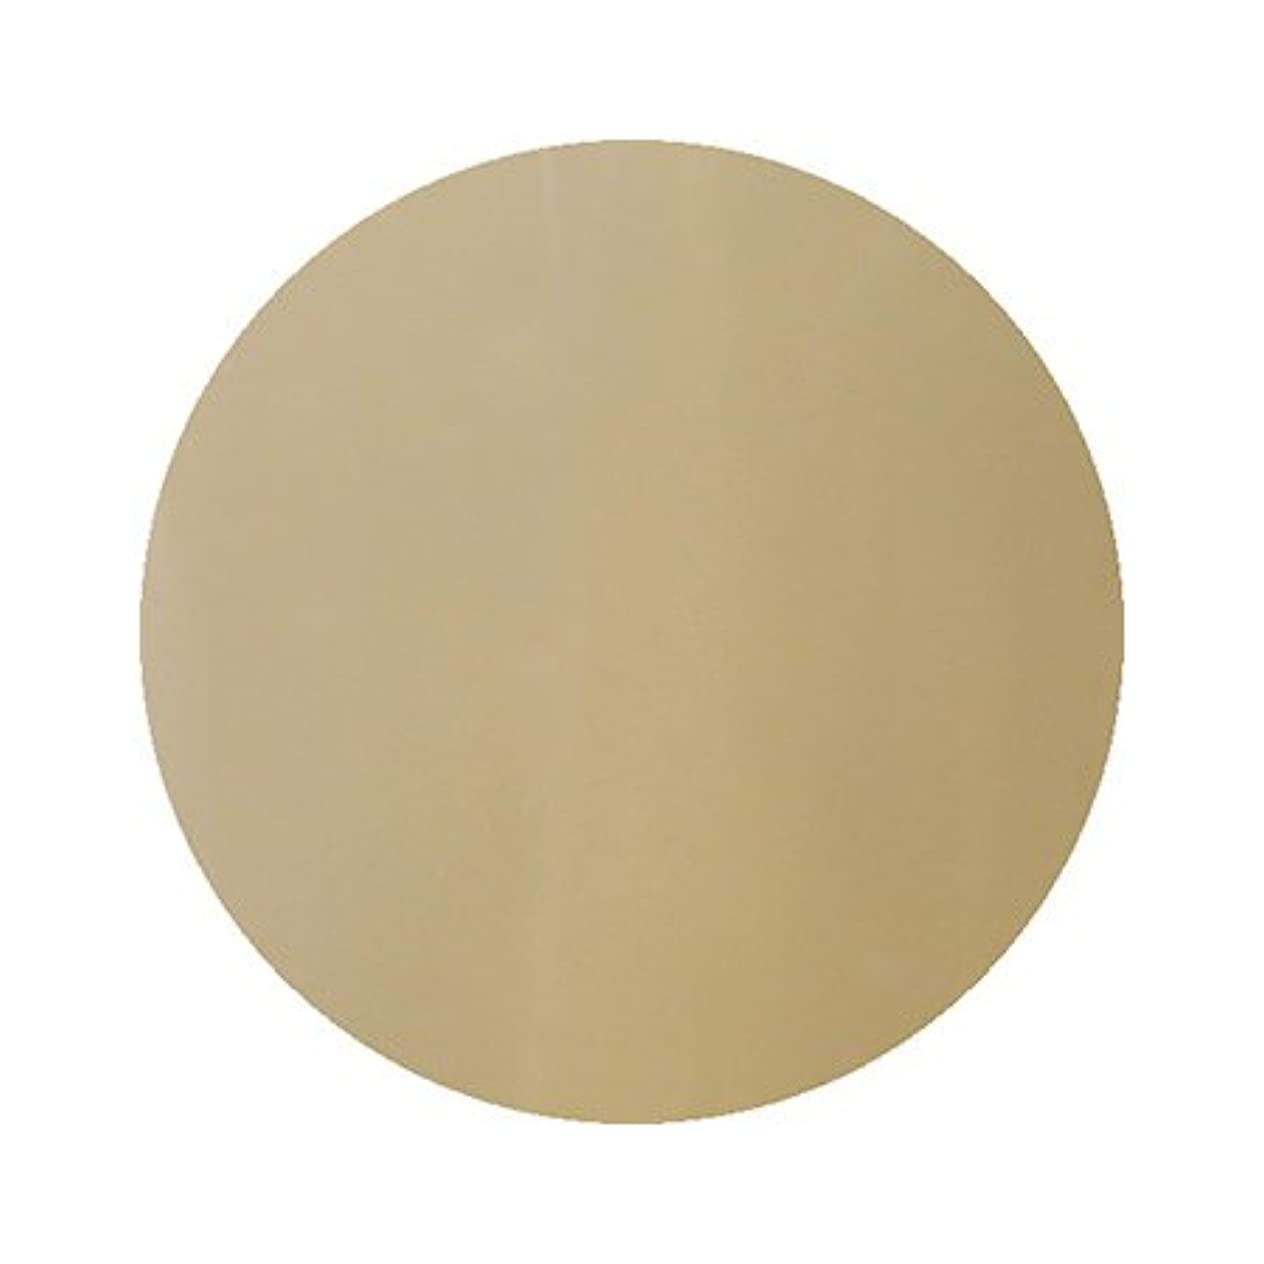 吸い込む評価可能豆腐パラポリッシュ ハイブリッドカラージェル MD5 サンドベージュ 7g